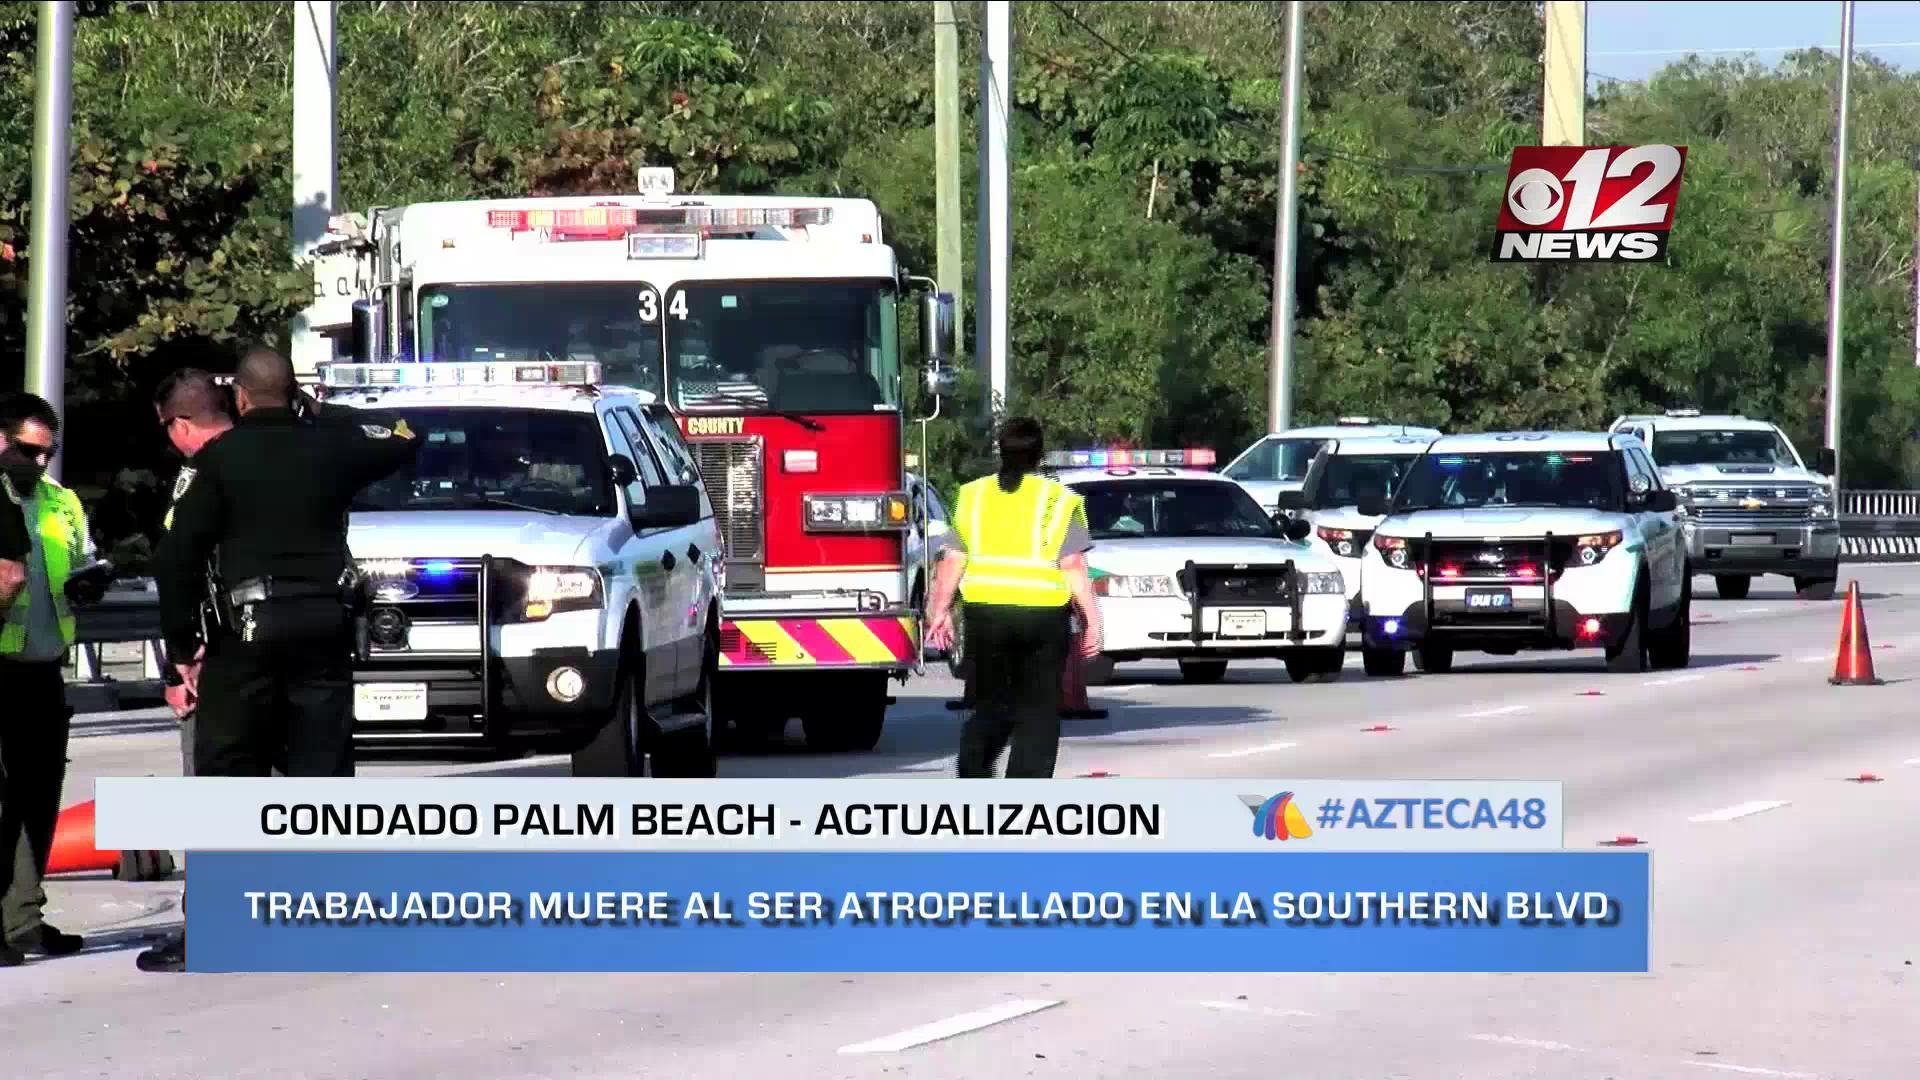 NOTI VIDEO: Trabajador de mantenimiento de Palm Beach, muere en la Southern Blvd.